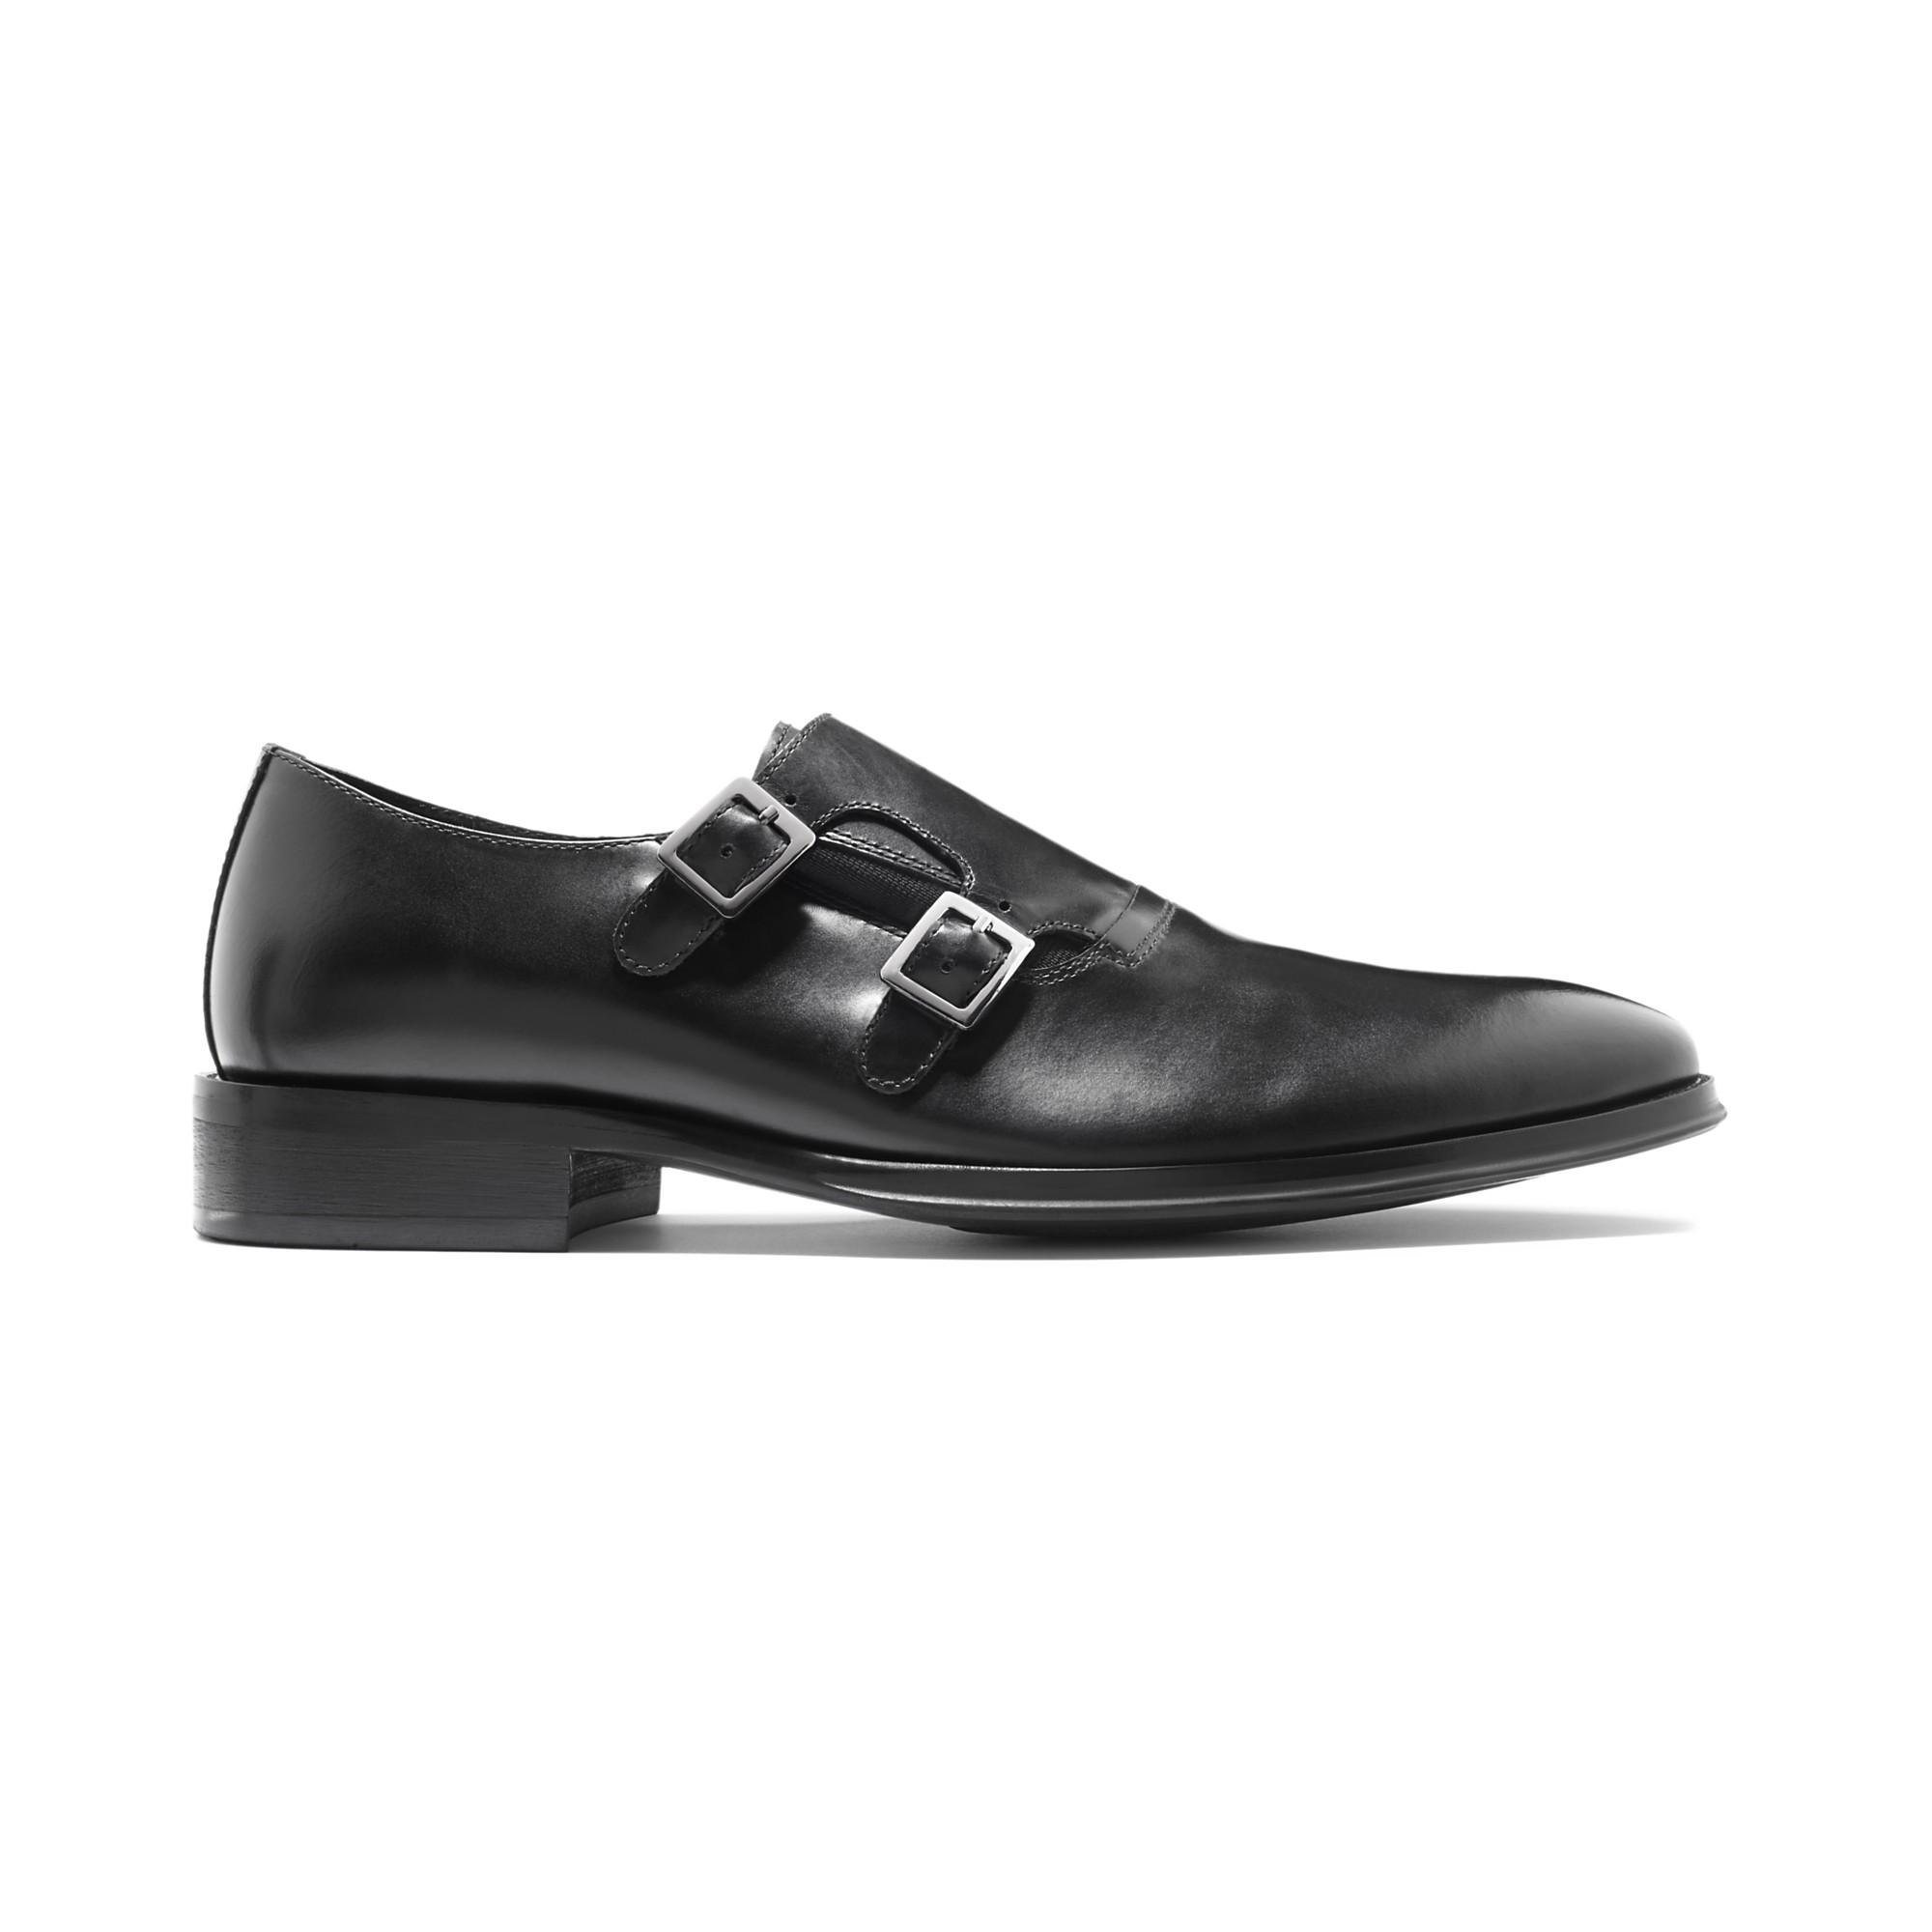 Black Double Monk Strap Shoes Cole Haan